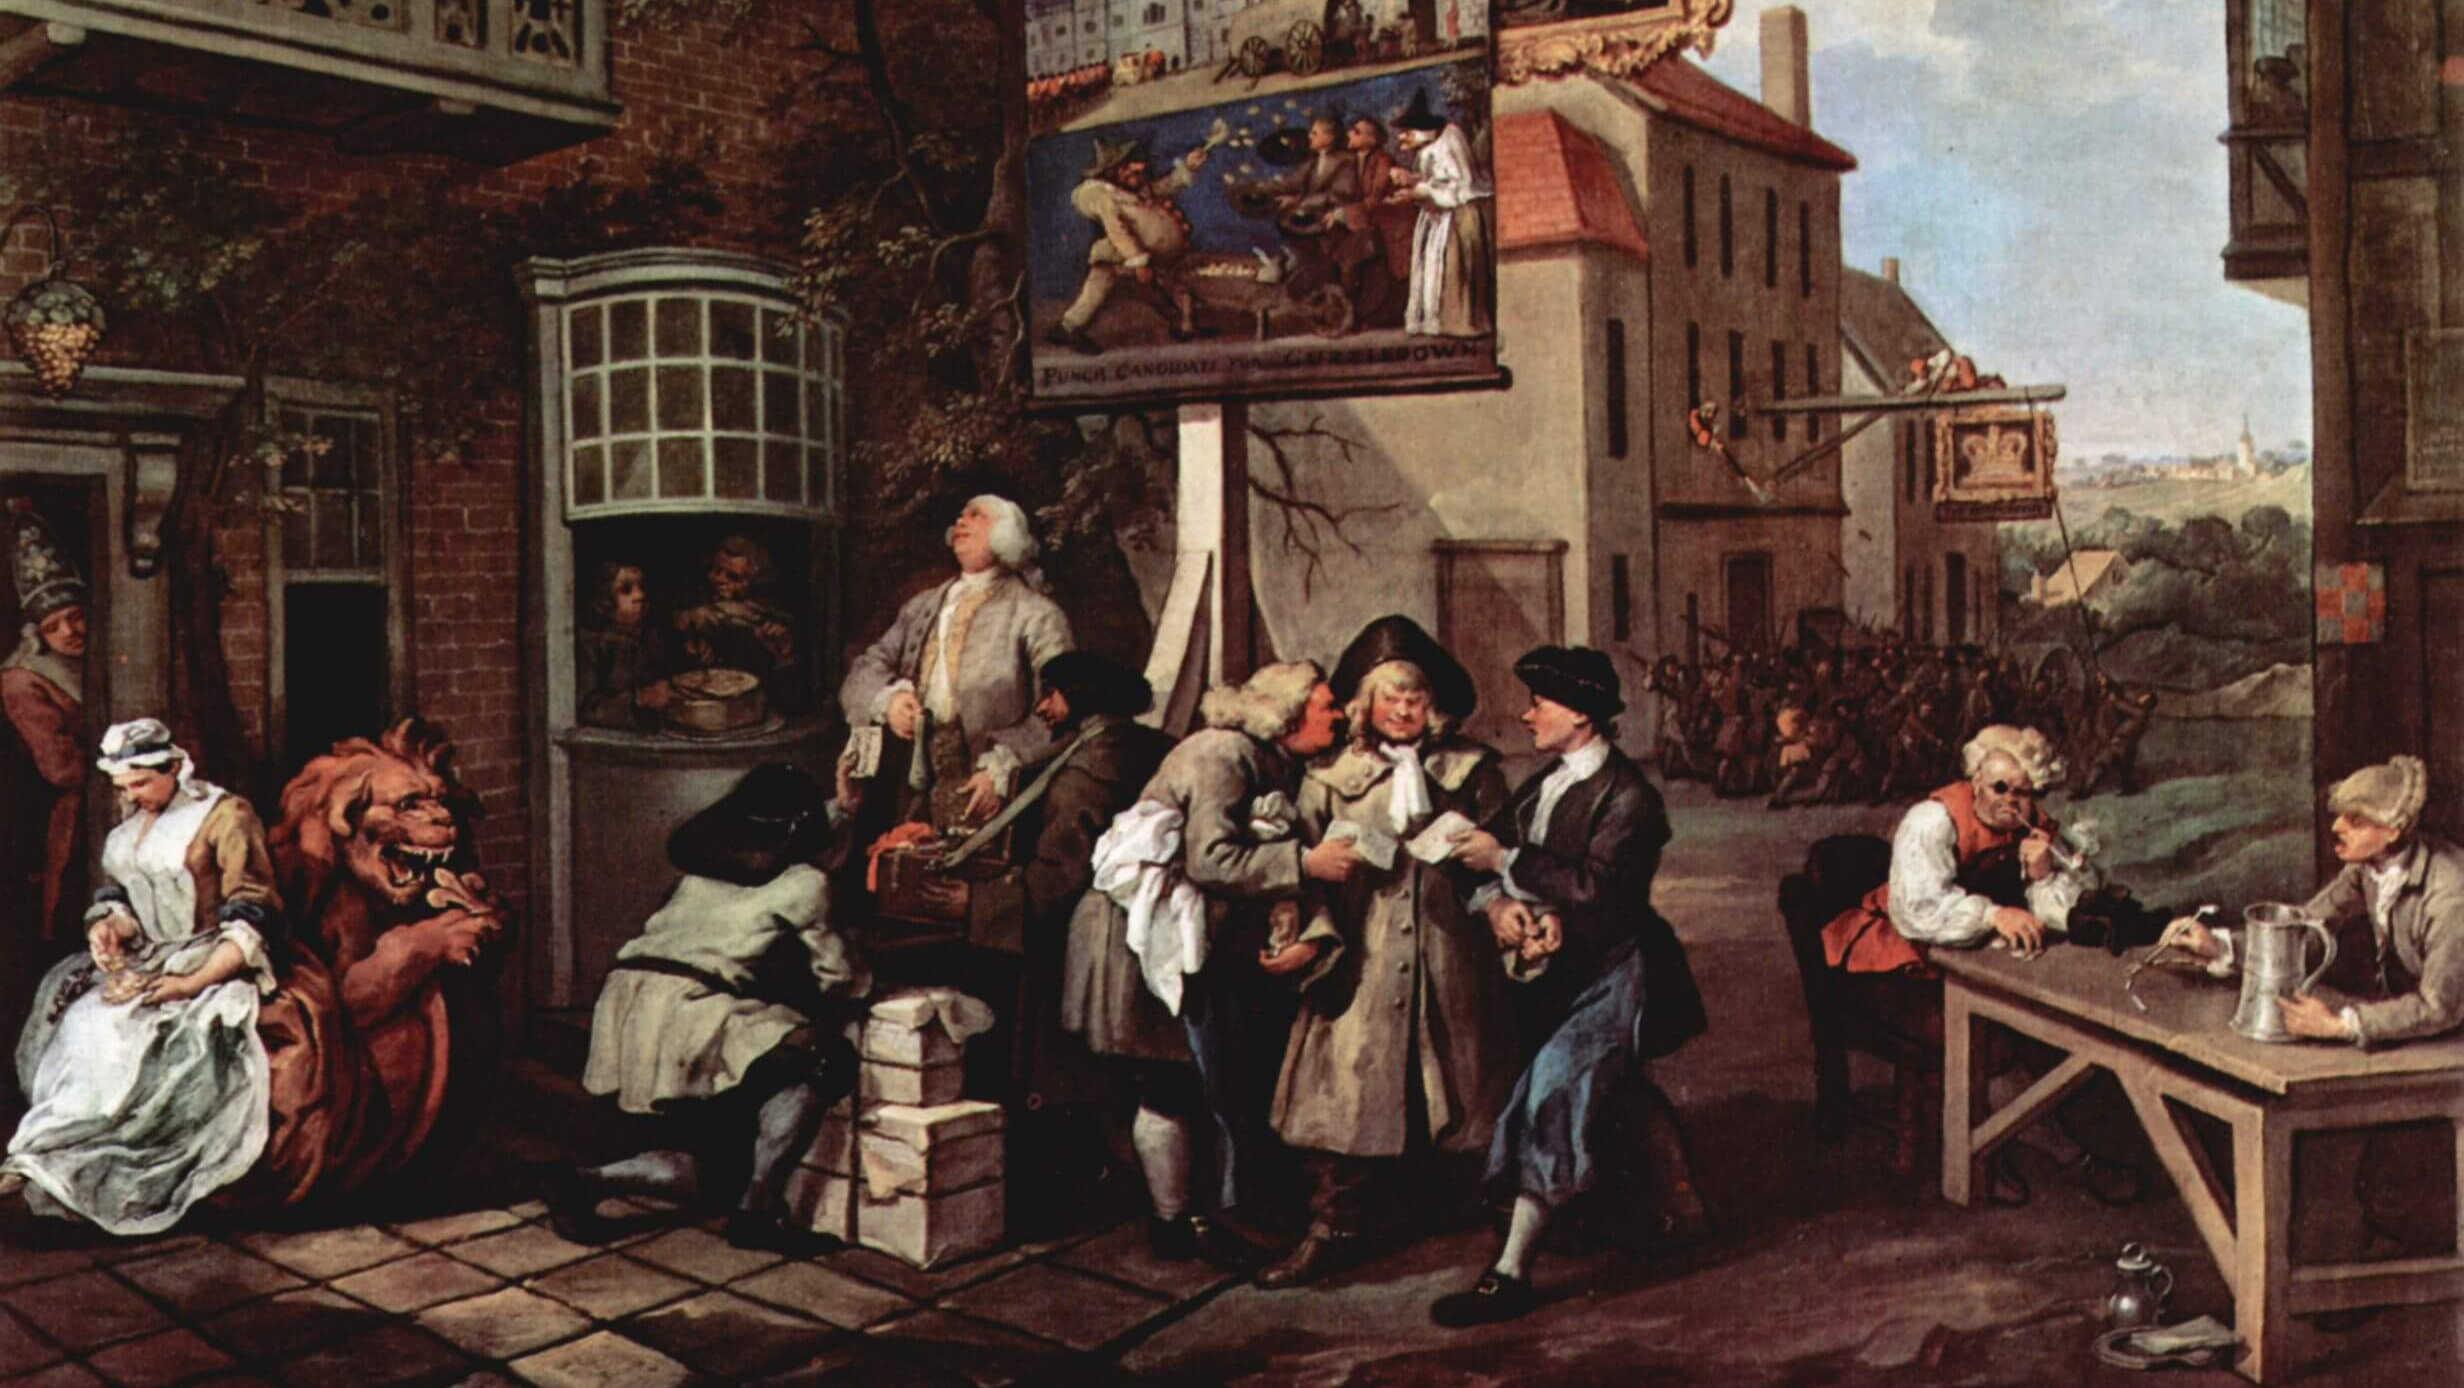 Уильям Хогарт. Выборы. Подкуп голосов. 1754-1758